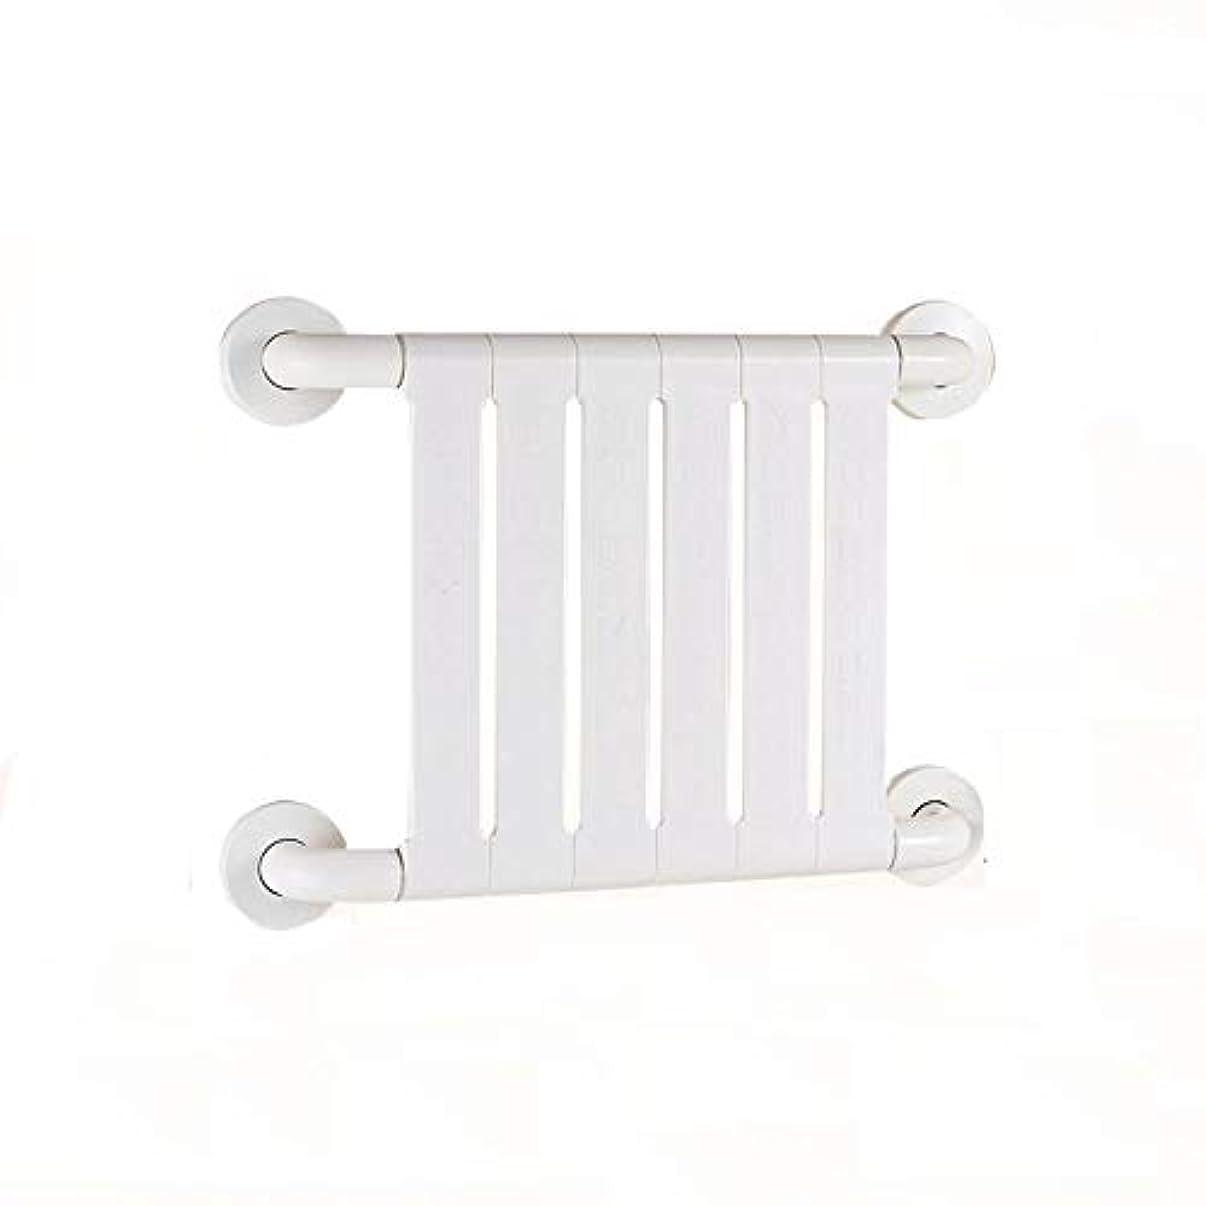 行接続されたナイロン滑り止め防錆抗菌手すり高齢者障害者用アームレスト妊娠中の女性バスルームトイレバスルームの安全ハンドル (Color : 白)